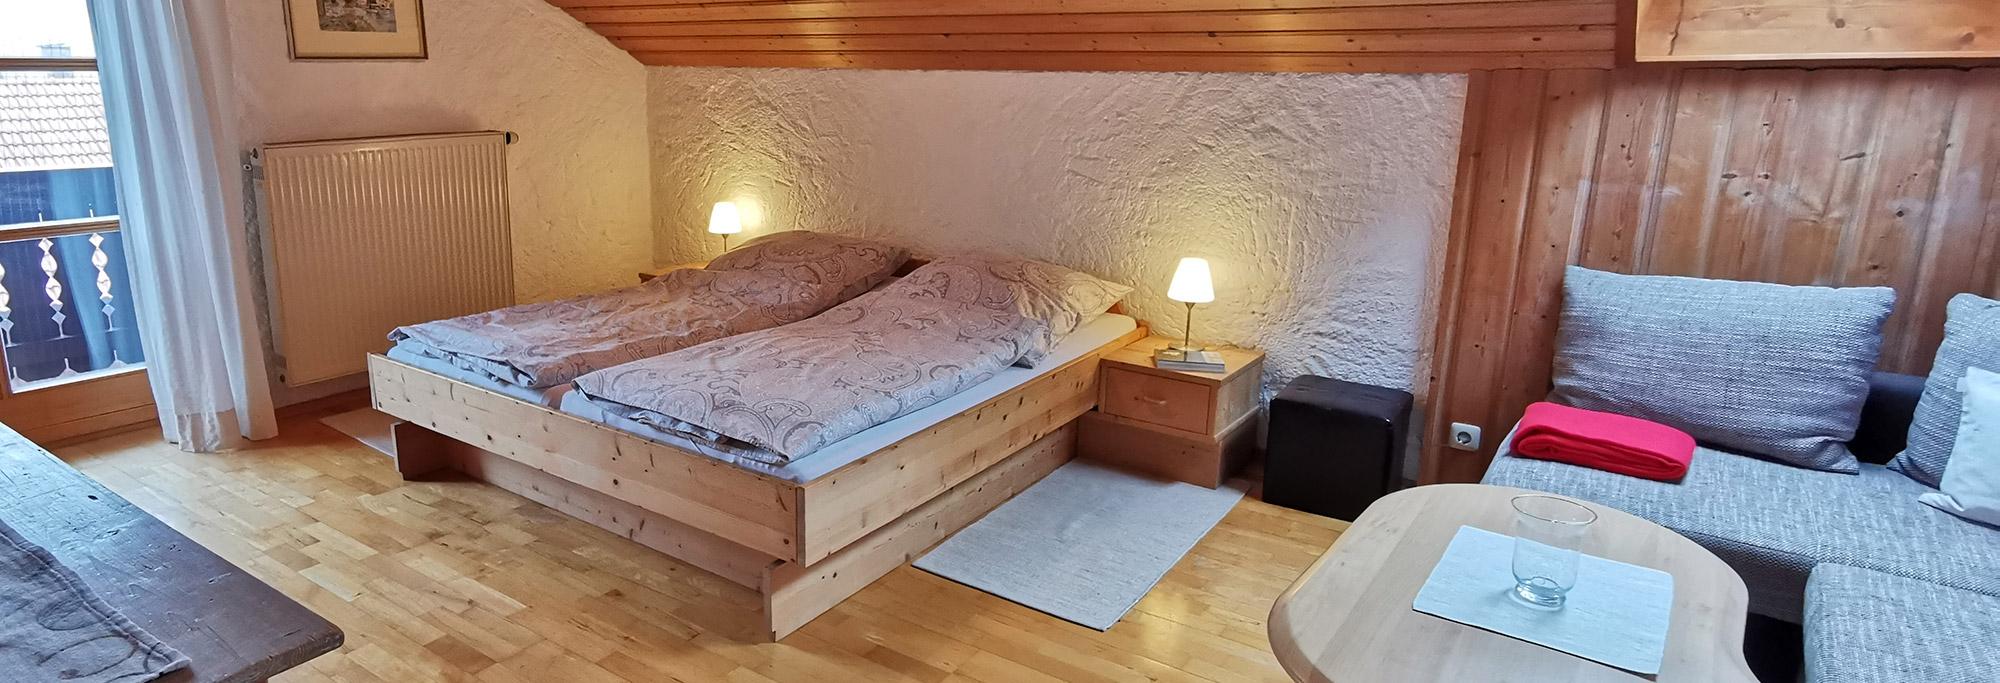 Schlafzimmer 02   Ferienwohnung Monika Schartner in Meisham bei Eggstätt